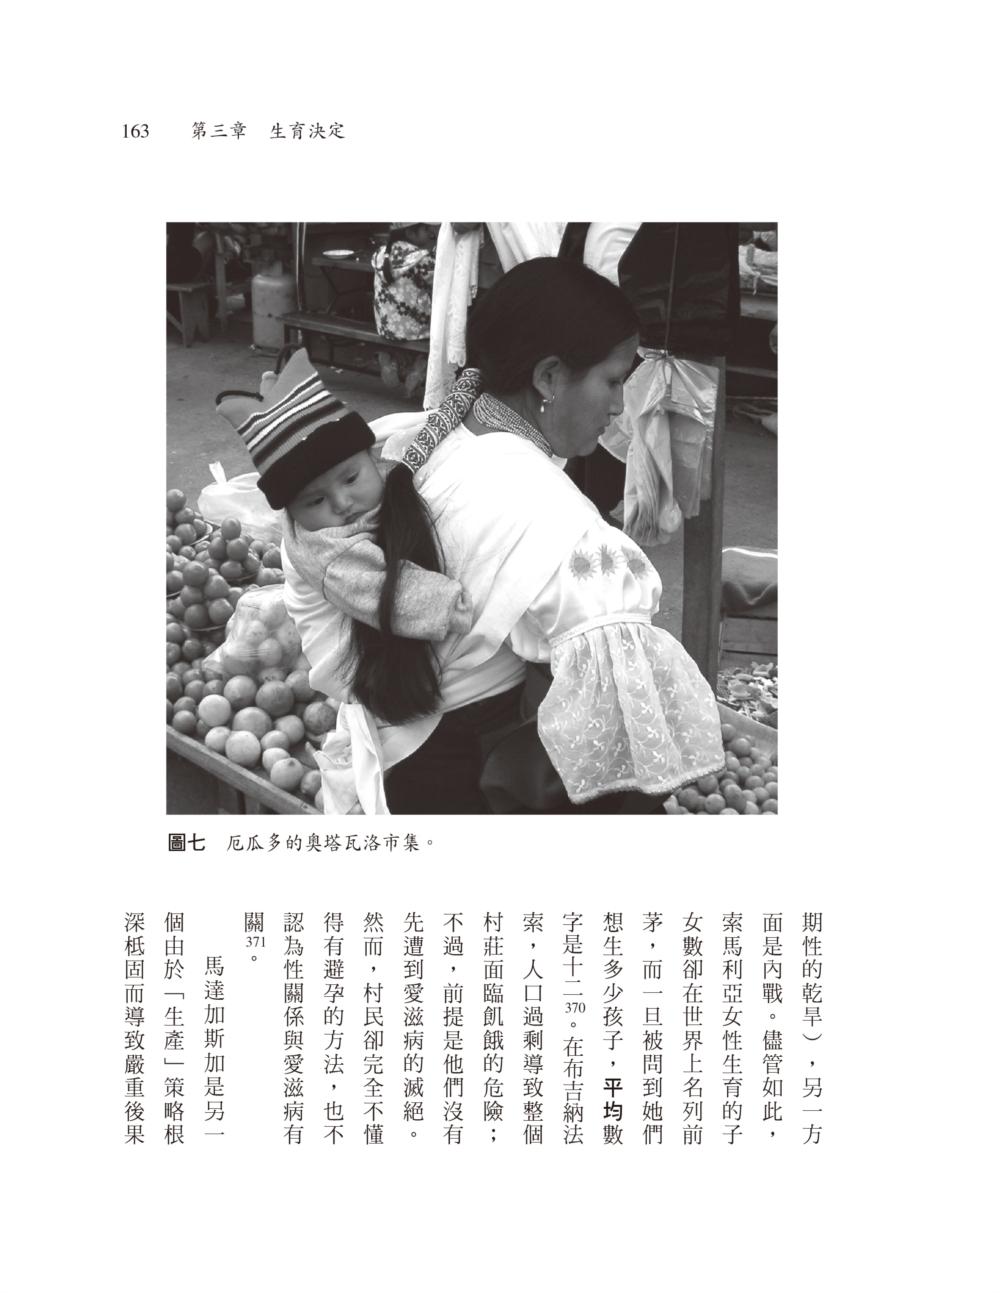 http://im1.book.com.tw/image/getImage?i=http://www.books.com.tw/img/001/076/59/0010765963_b_02.jpg&v=59f0107d&w=655&h=609